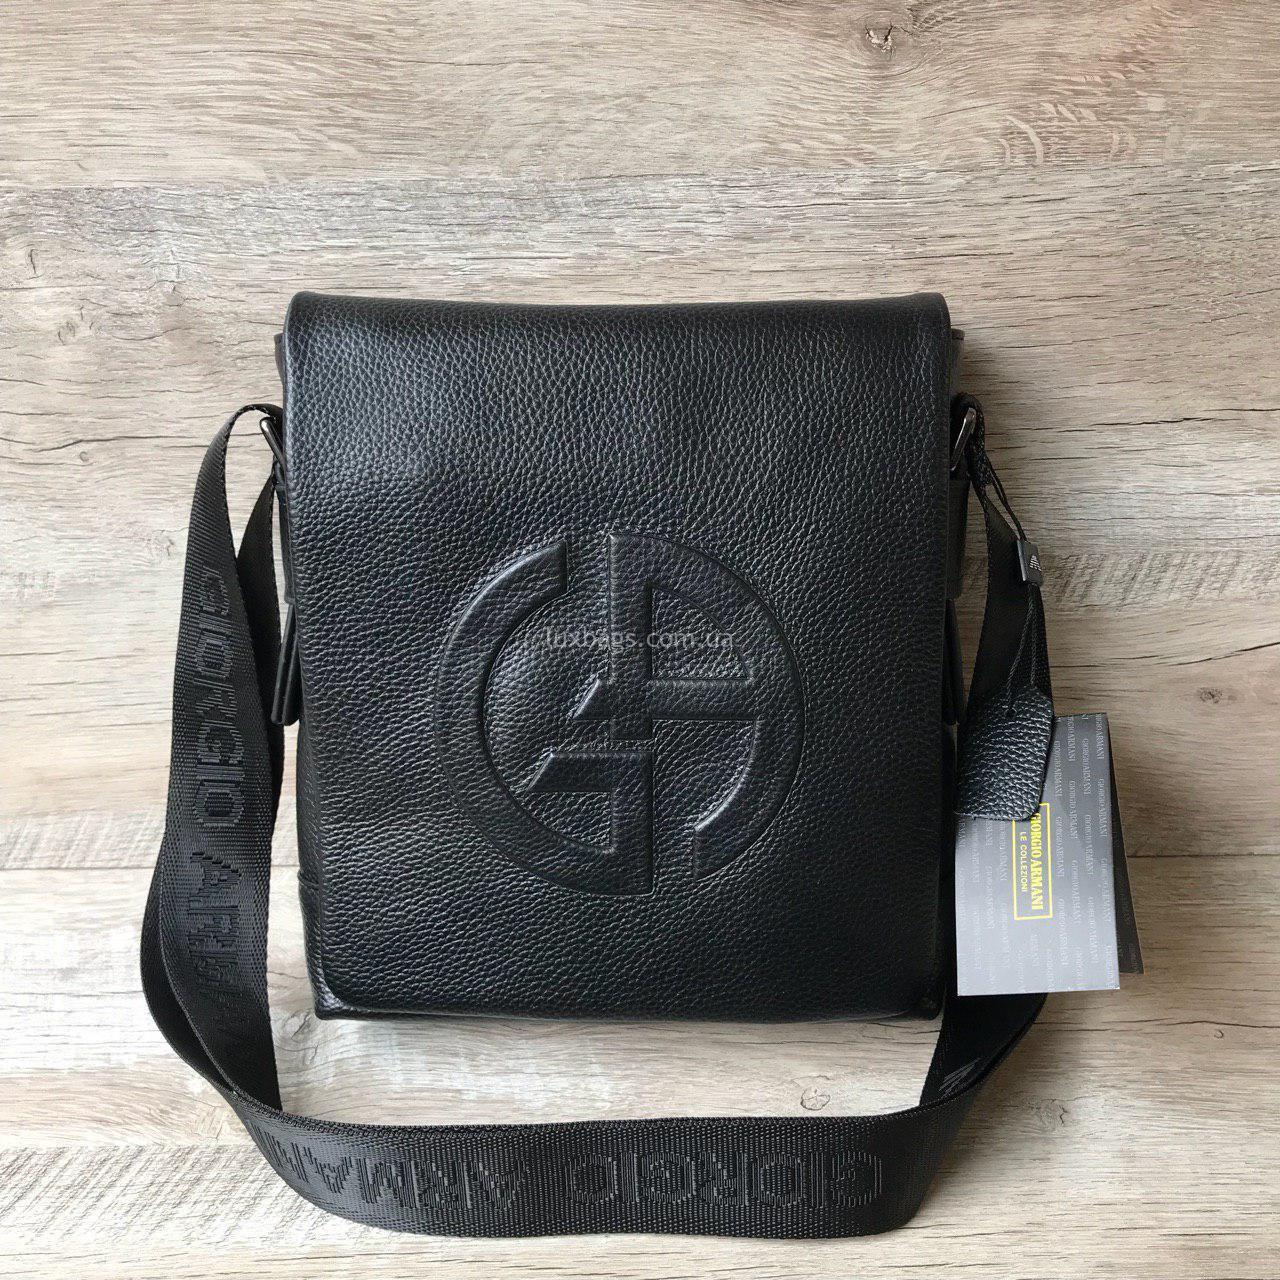 97cfff04eaf8 Мужская сумка Armani через плечо Купить Недорого | lux-bags